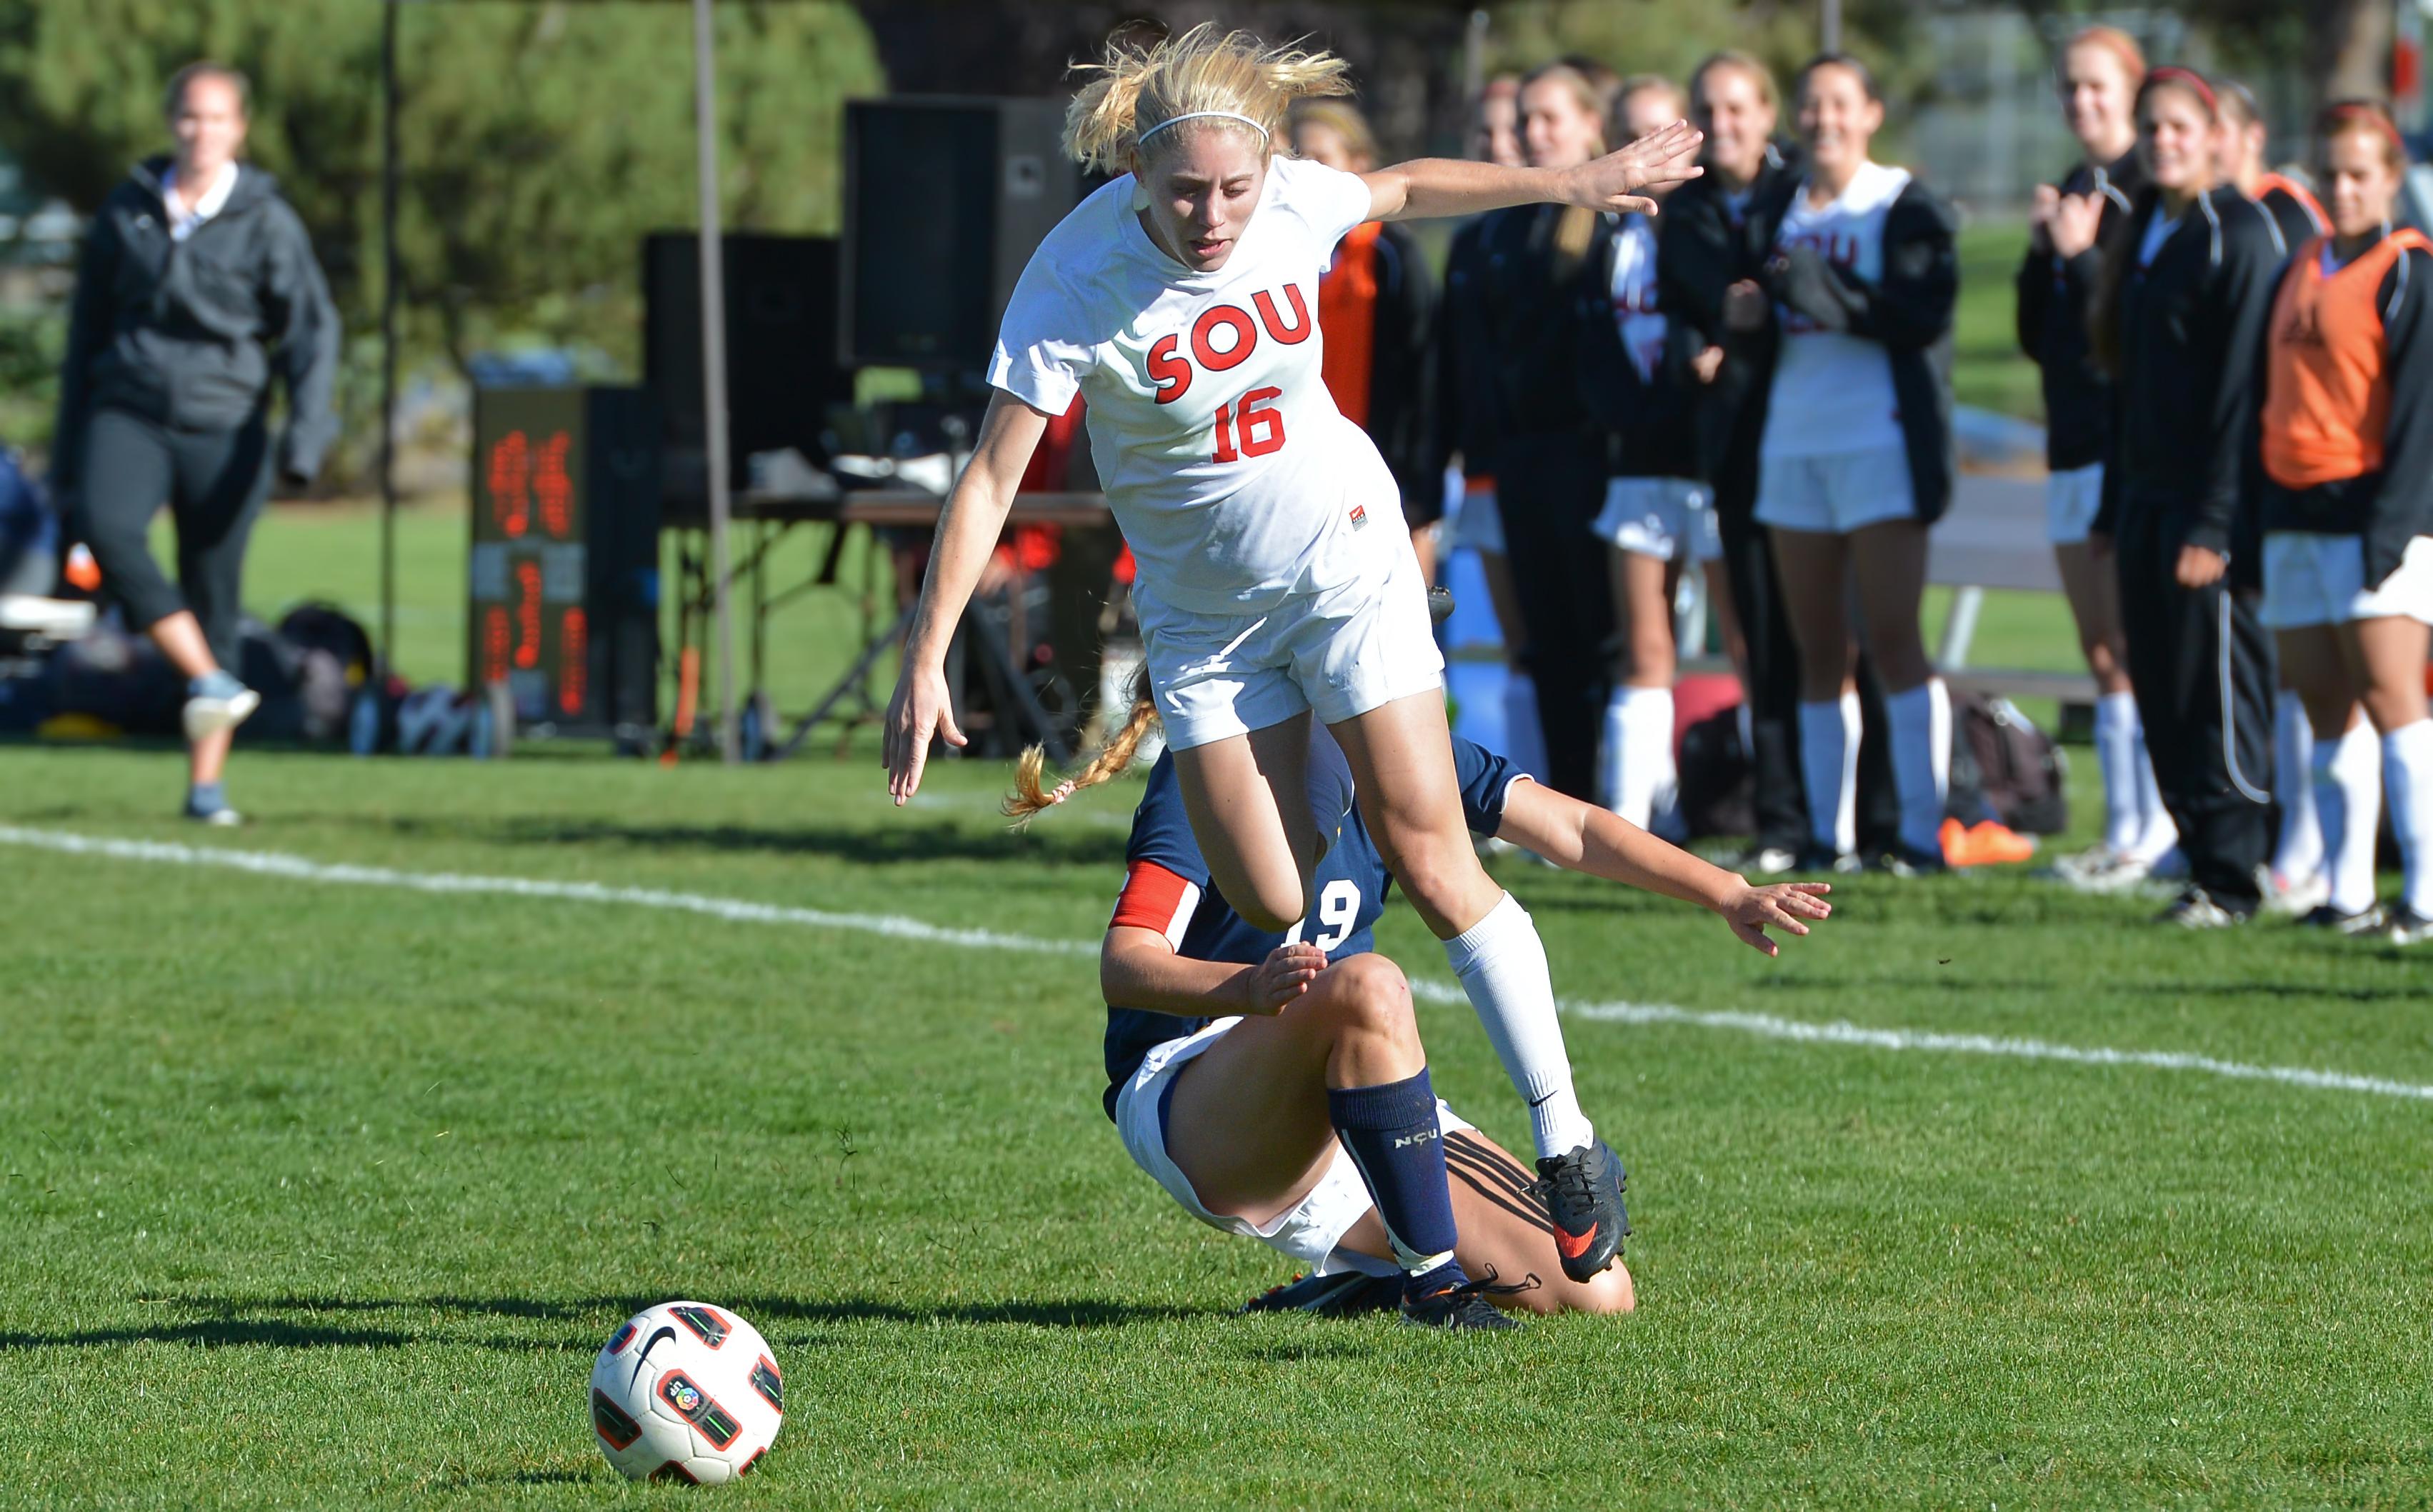 sou womens soccer JULIE ZAMZOW